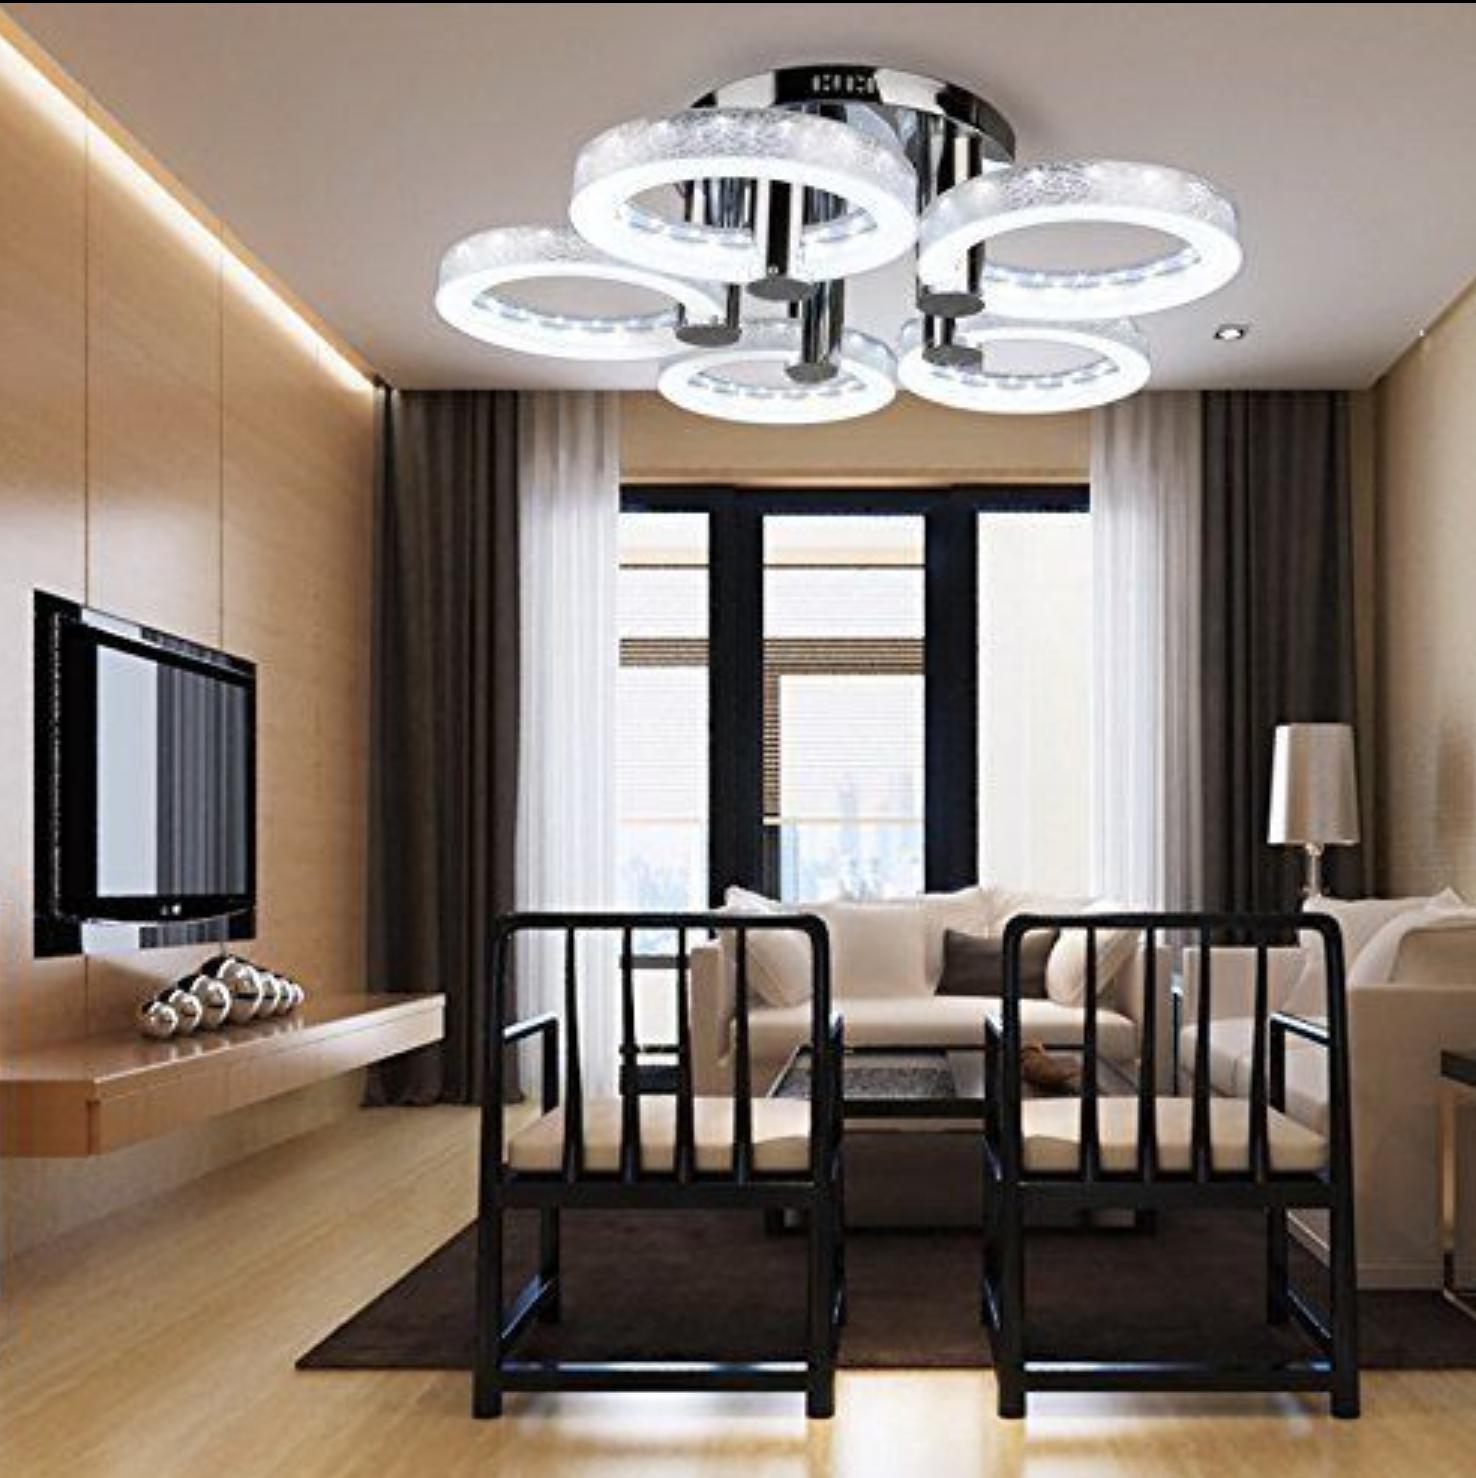 European Modern Round Acrylic Chandelier Ceiling Pendant Light 5 18w Led Lamp Bp Led Living Room Lights Living Room Lighting Ceiling Lights